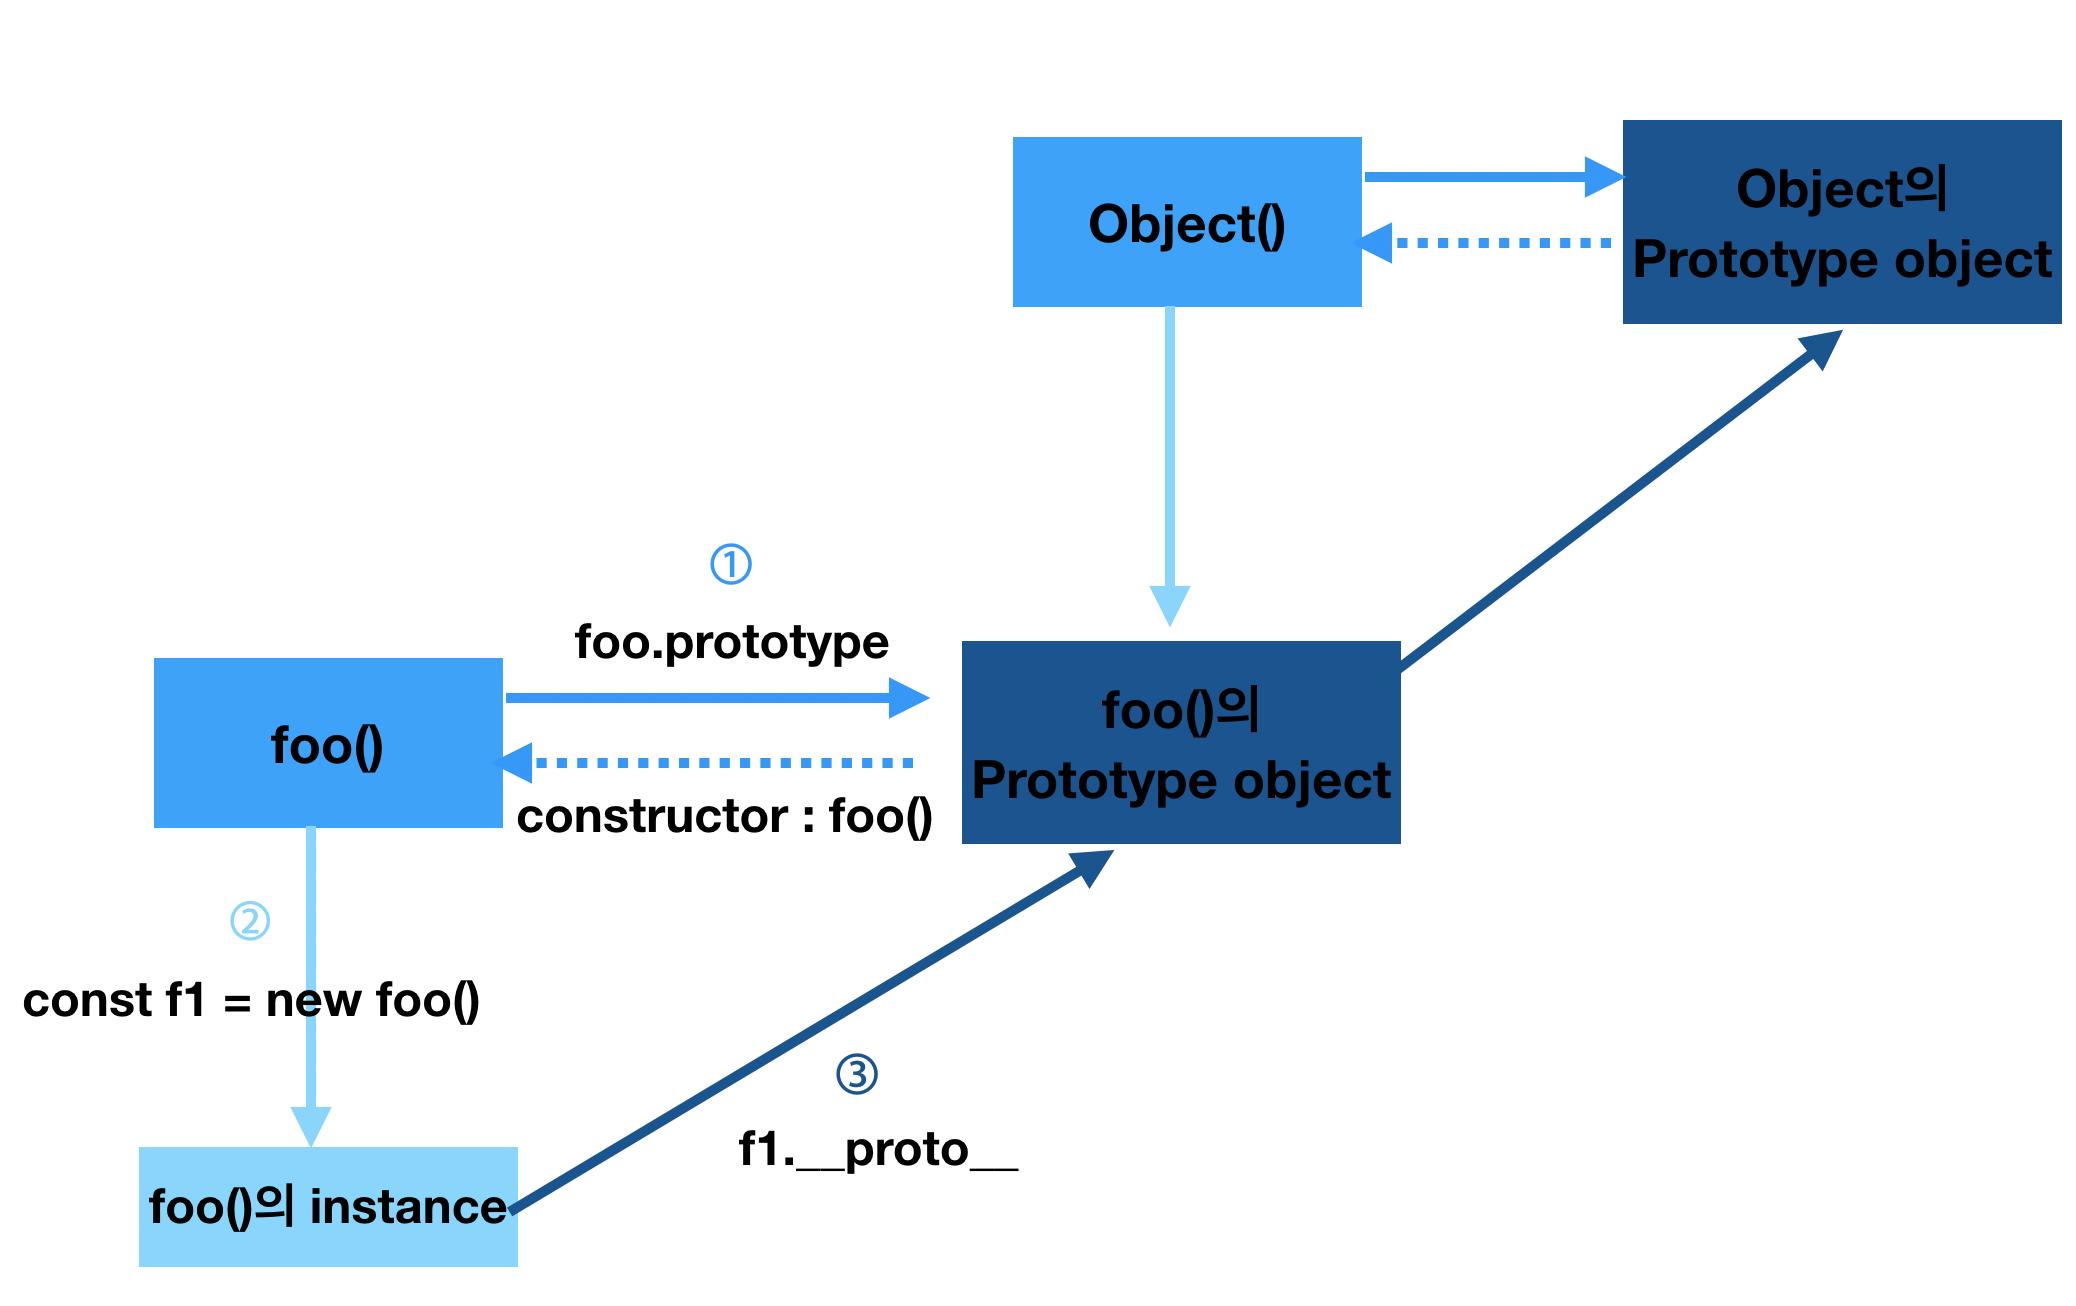 object prototype